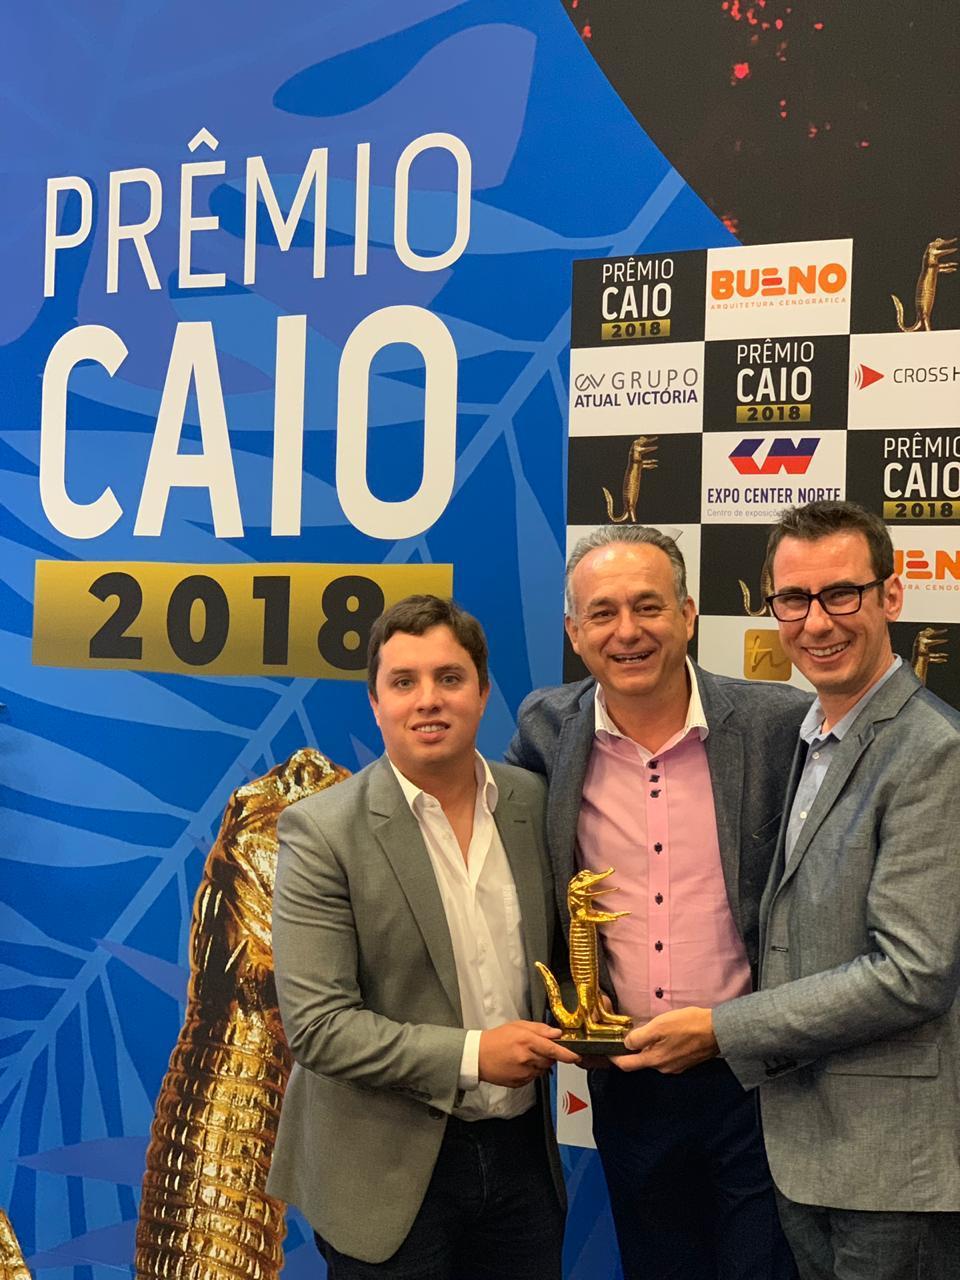 Curitibana AirPromo conquista Jacaré de Ouro no Prêmio Caio, em São Paulo